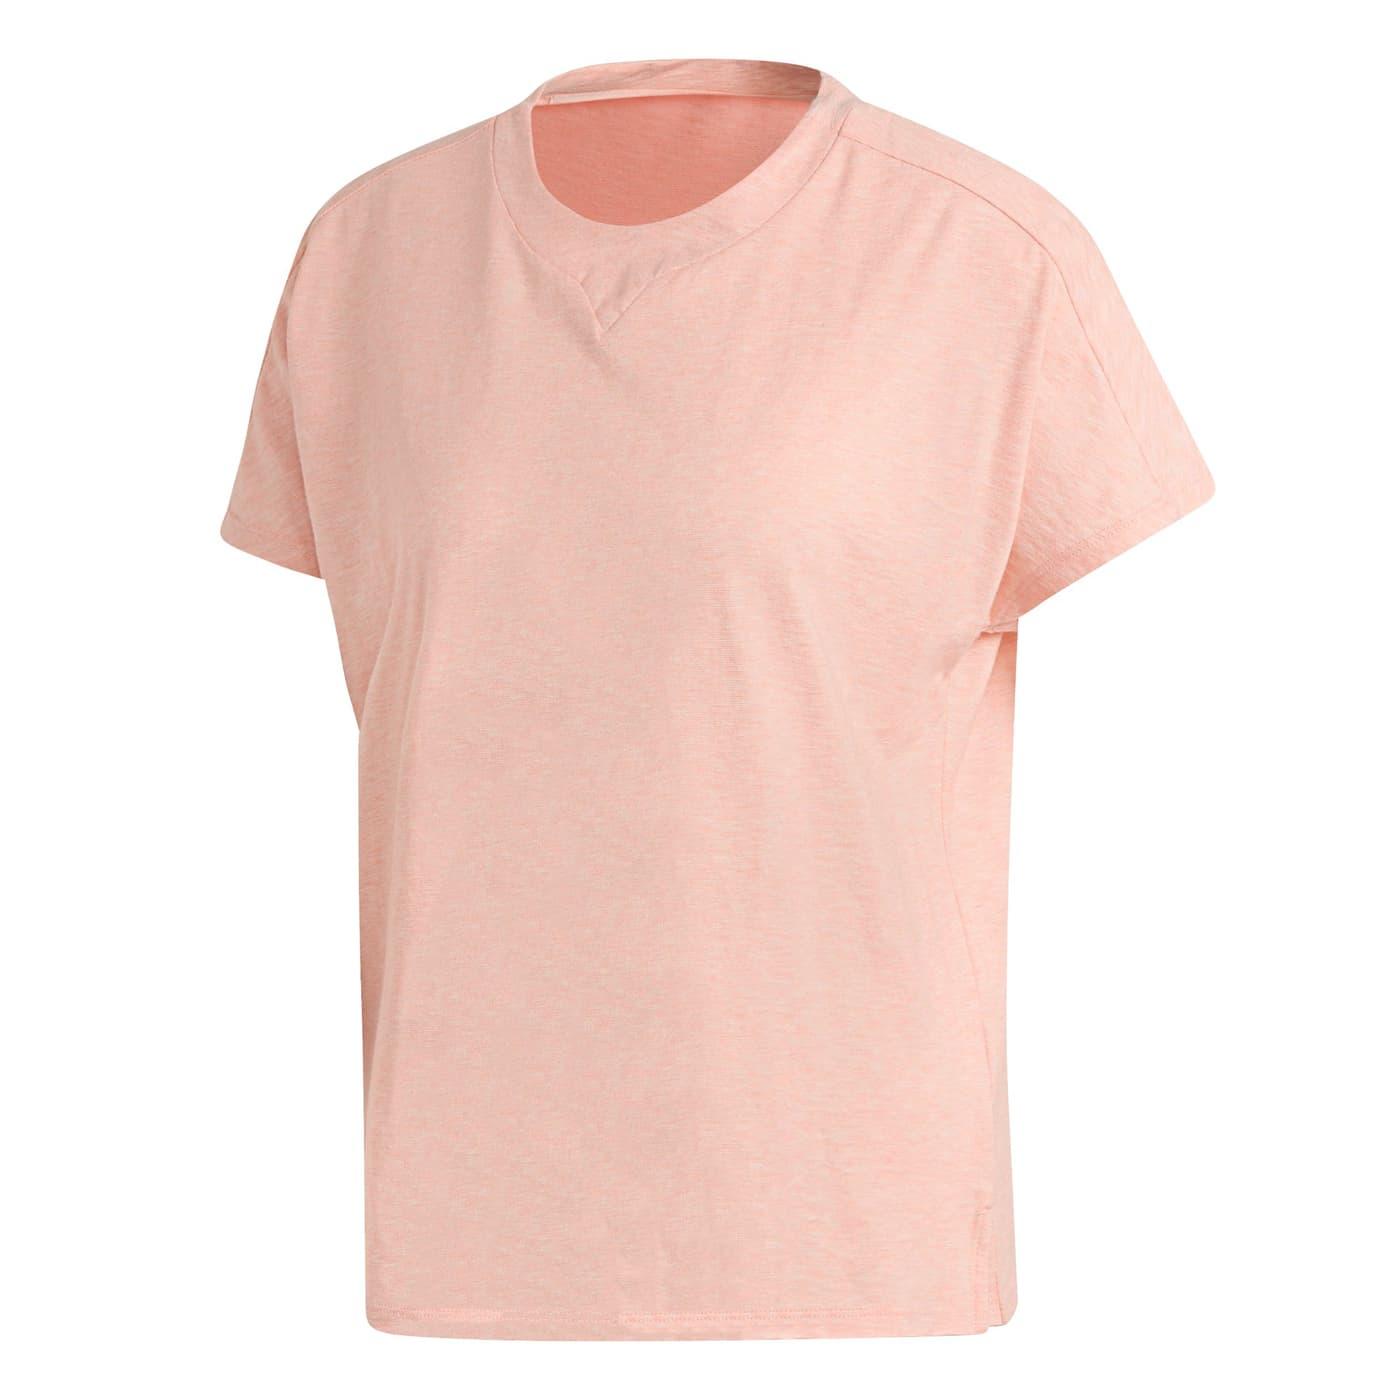 tee tee-shirt adidas femme